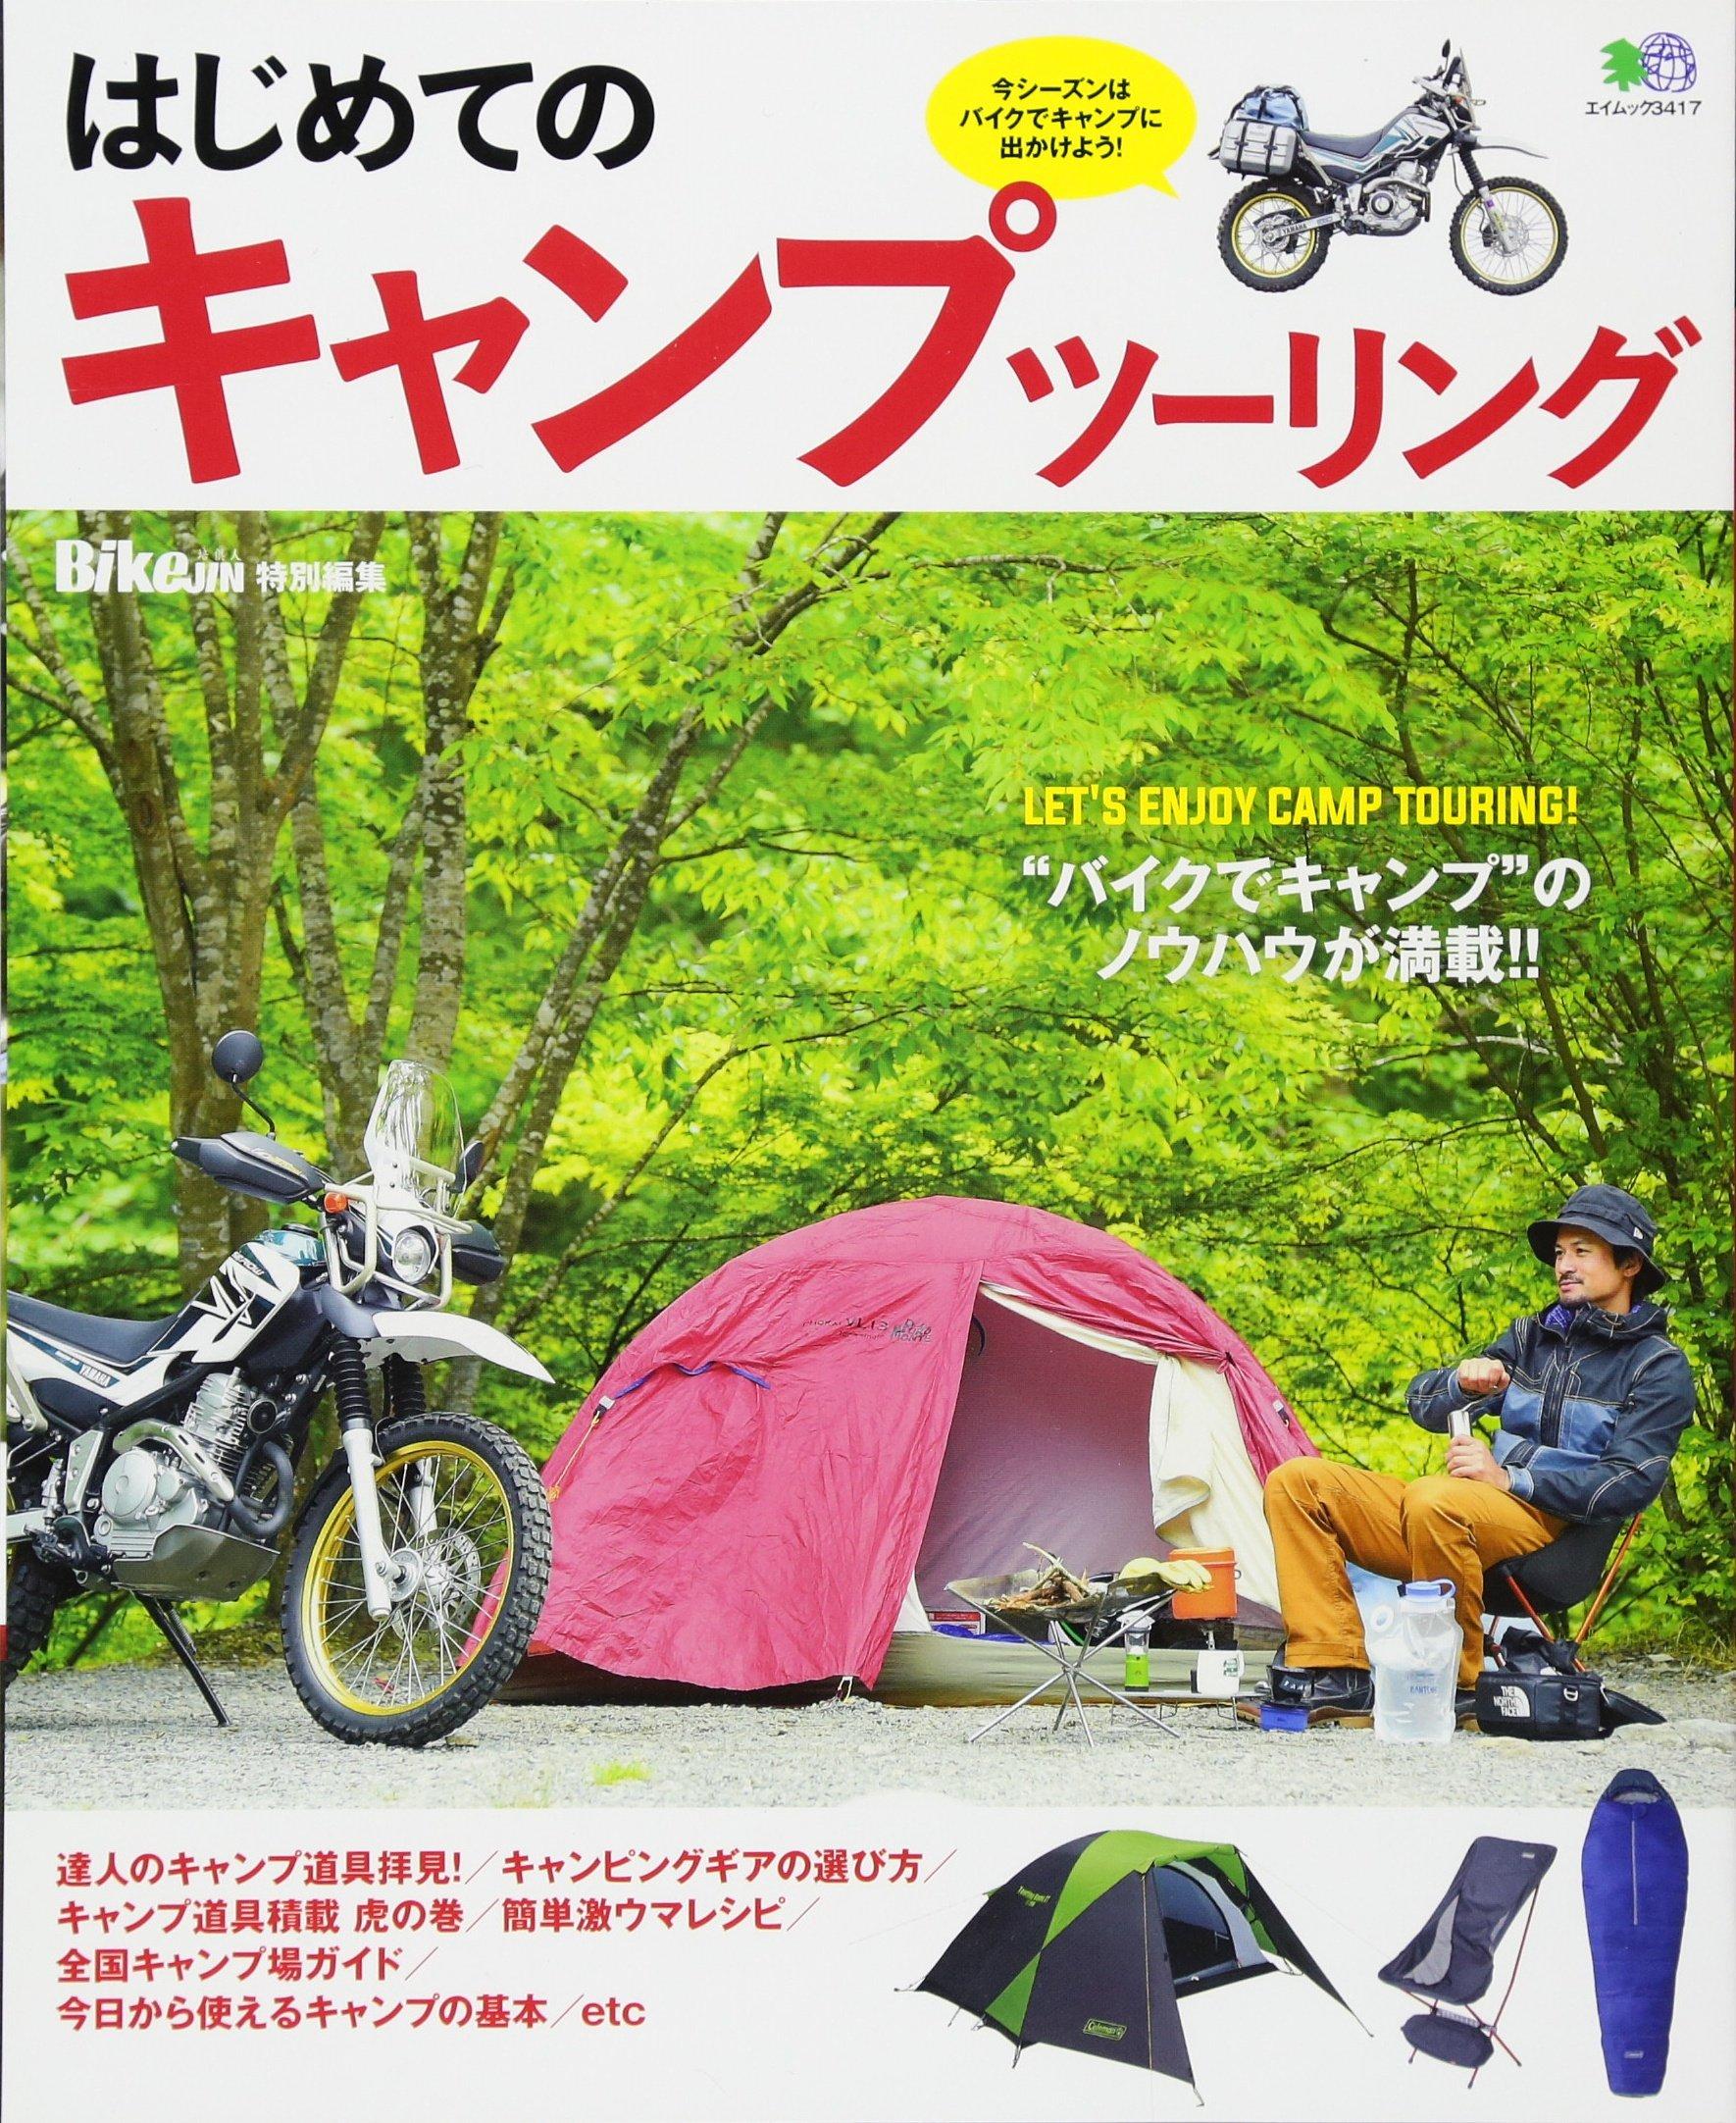 「はじめてのキャンプツーリング」(エイ出版社)